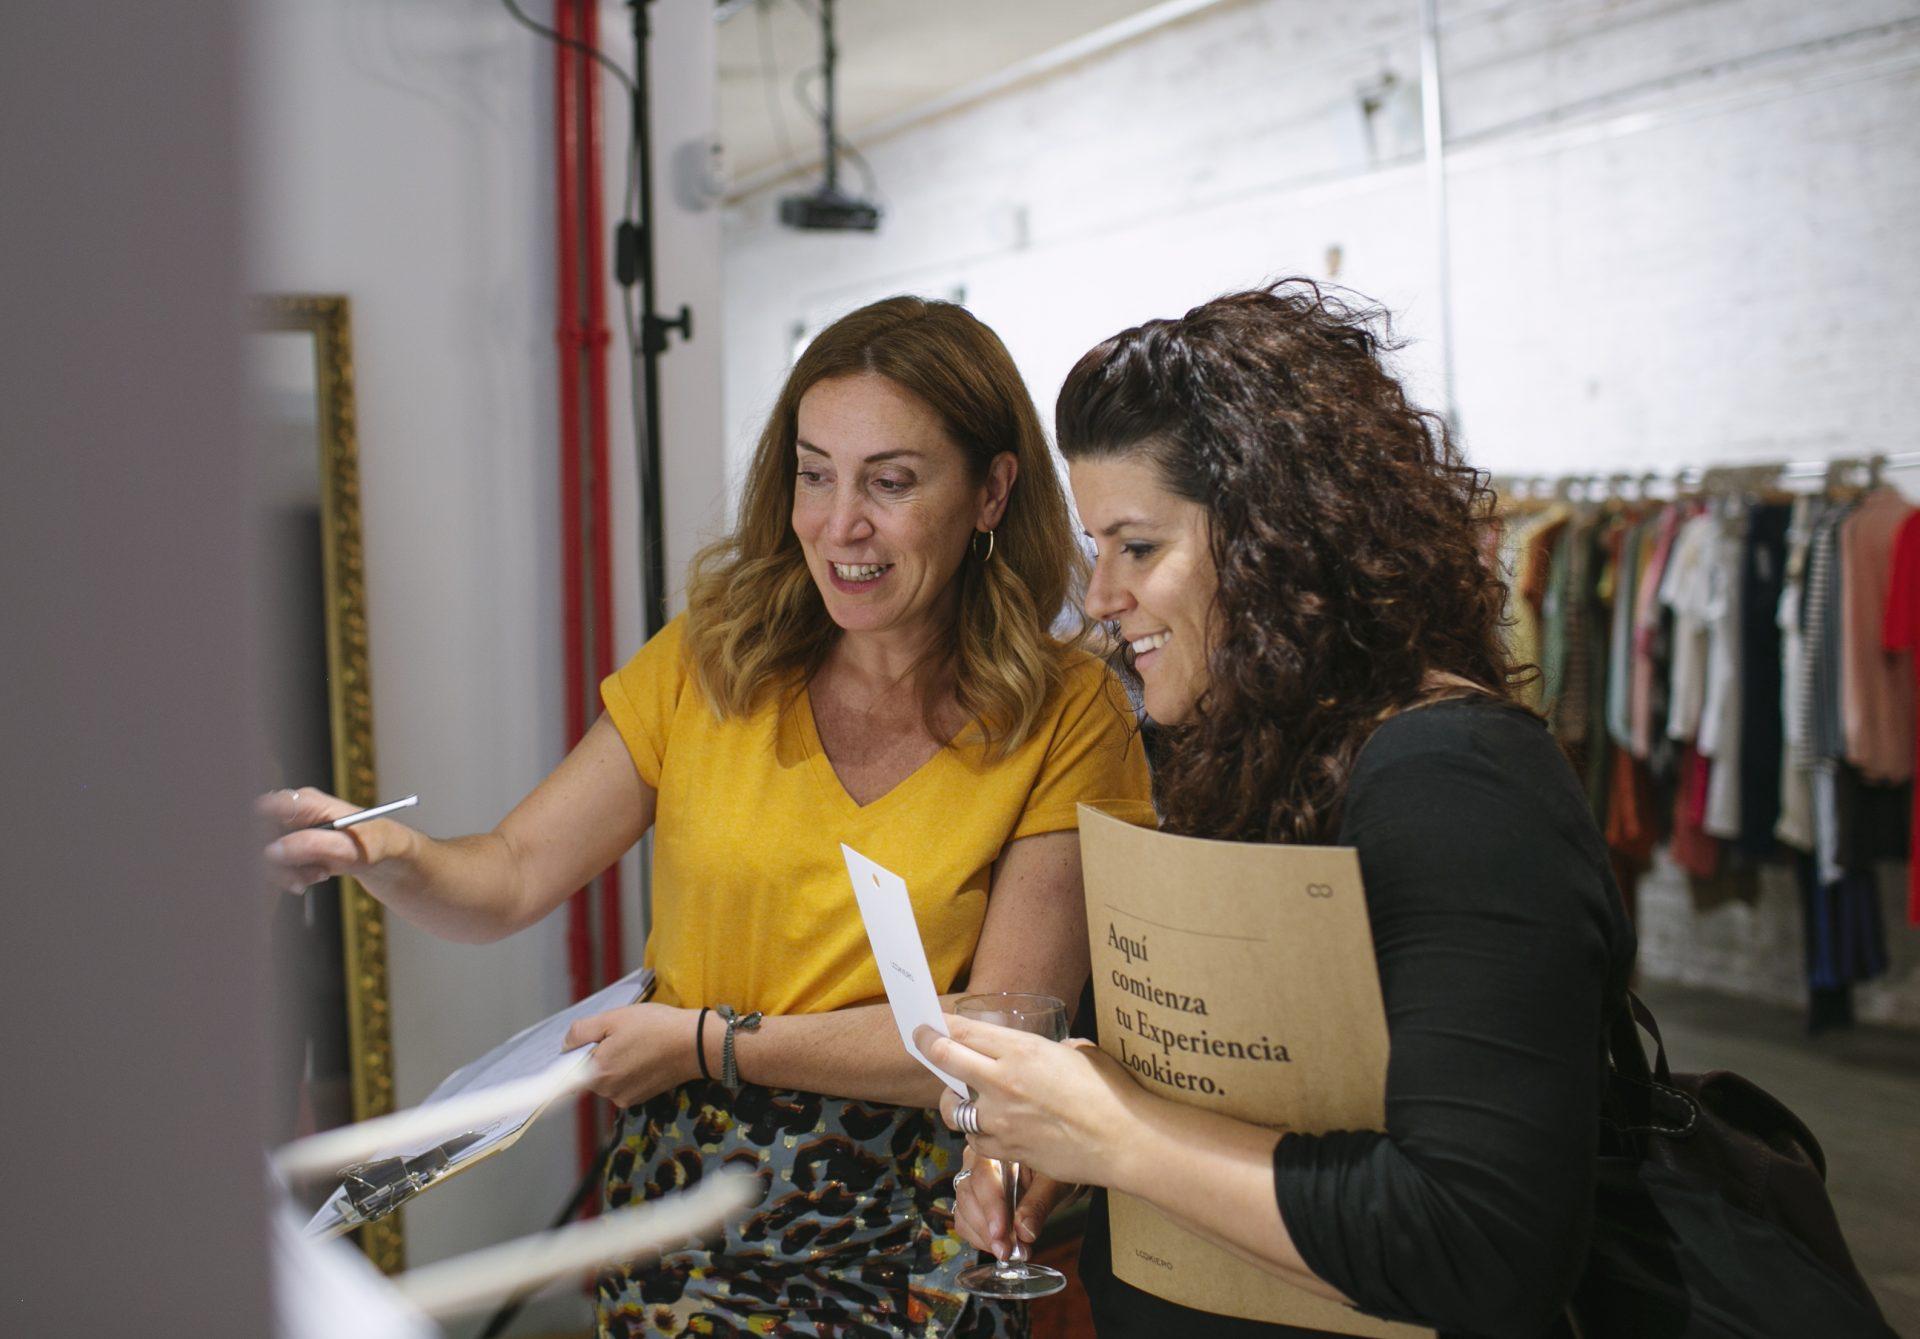 Clienta Lookiero con su personal shopper en el evento de #LookieroExperience Madrid